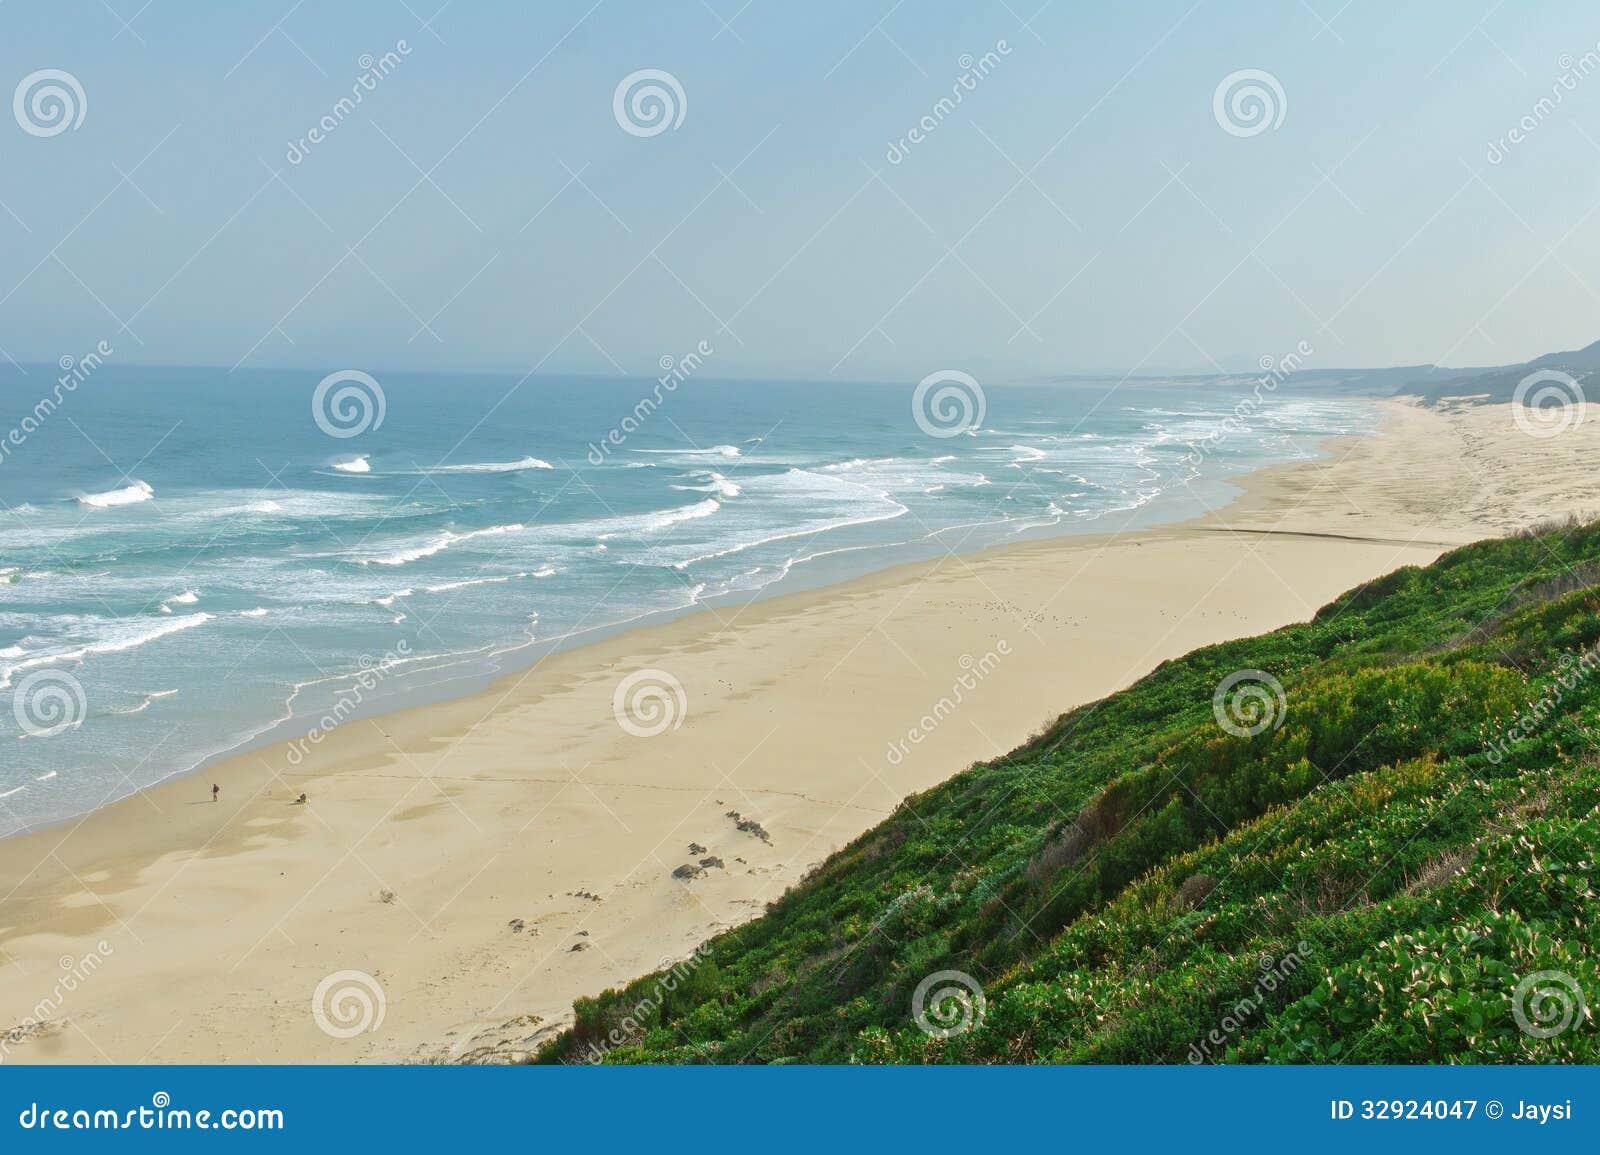 美丽的海洋海滩图片